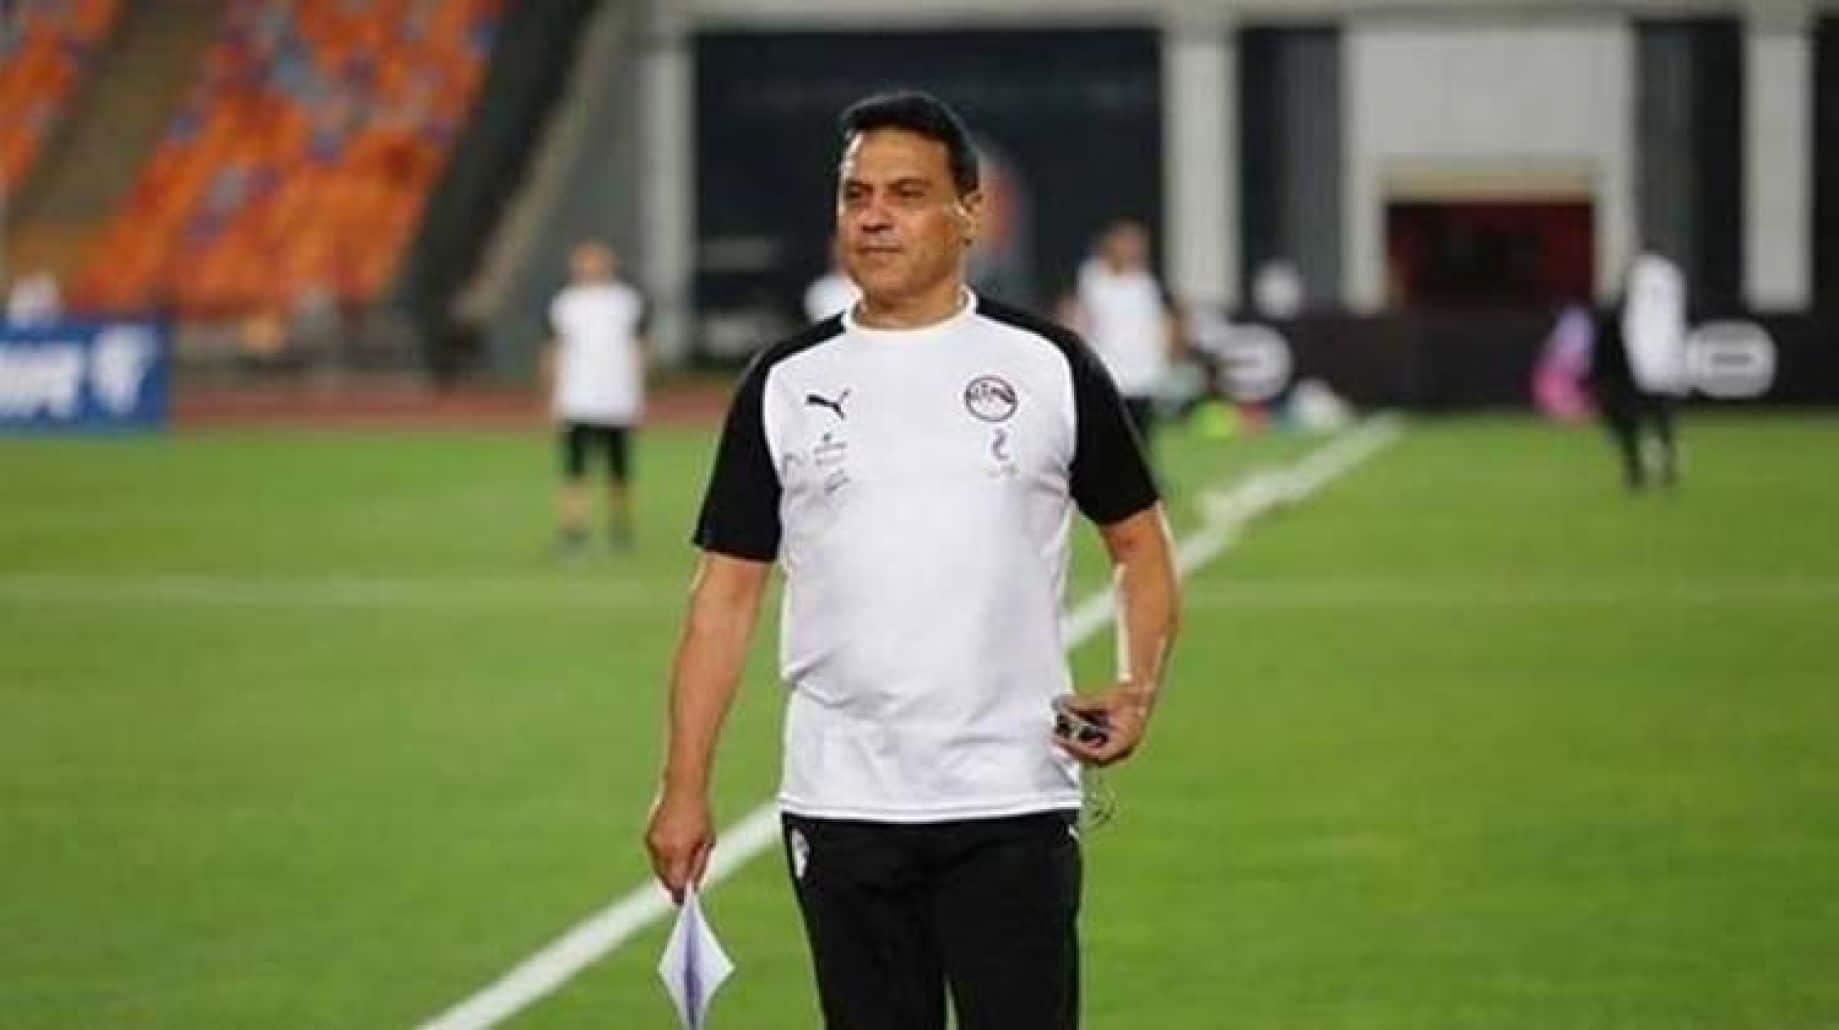 مدرب منتخب مصر حسام البدري والحديث عن مشاركة الثنائي صلاح والنني